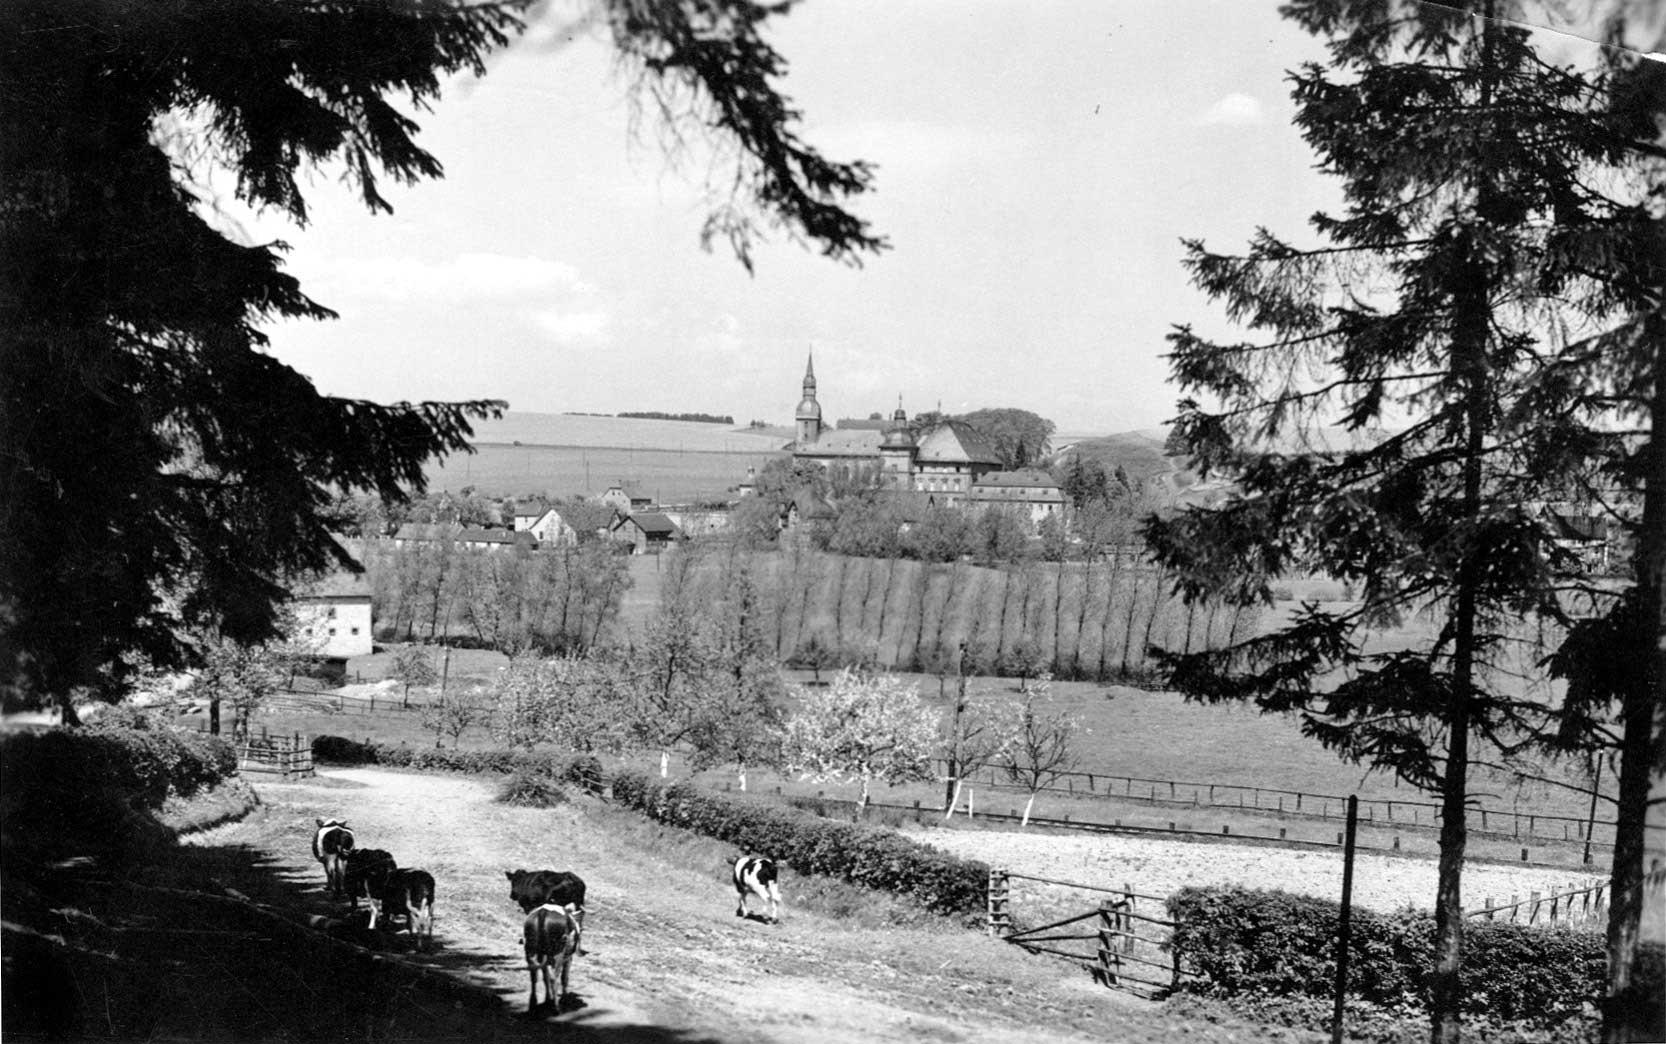 Archiv-Bild 6474 / eine kleine Kuhherde zieht vom Erlenbruch nach Hause